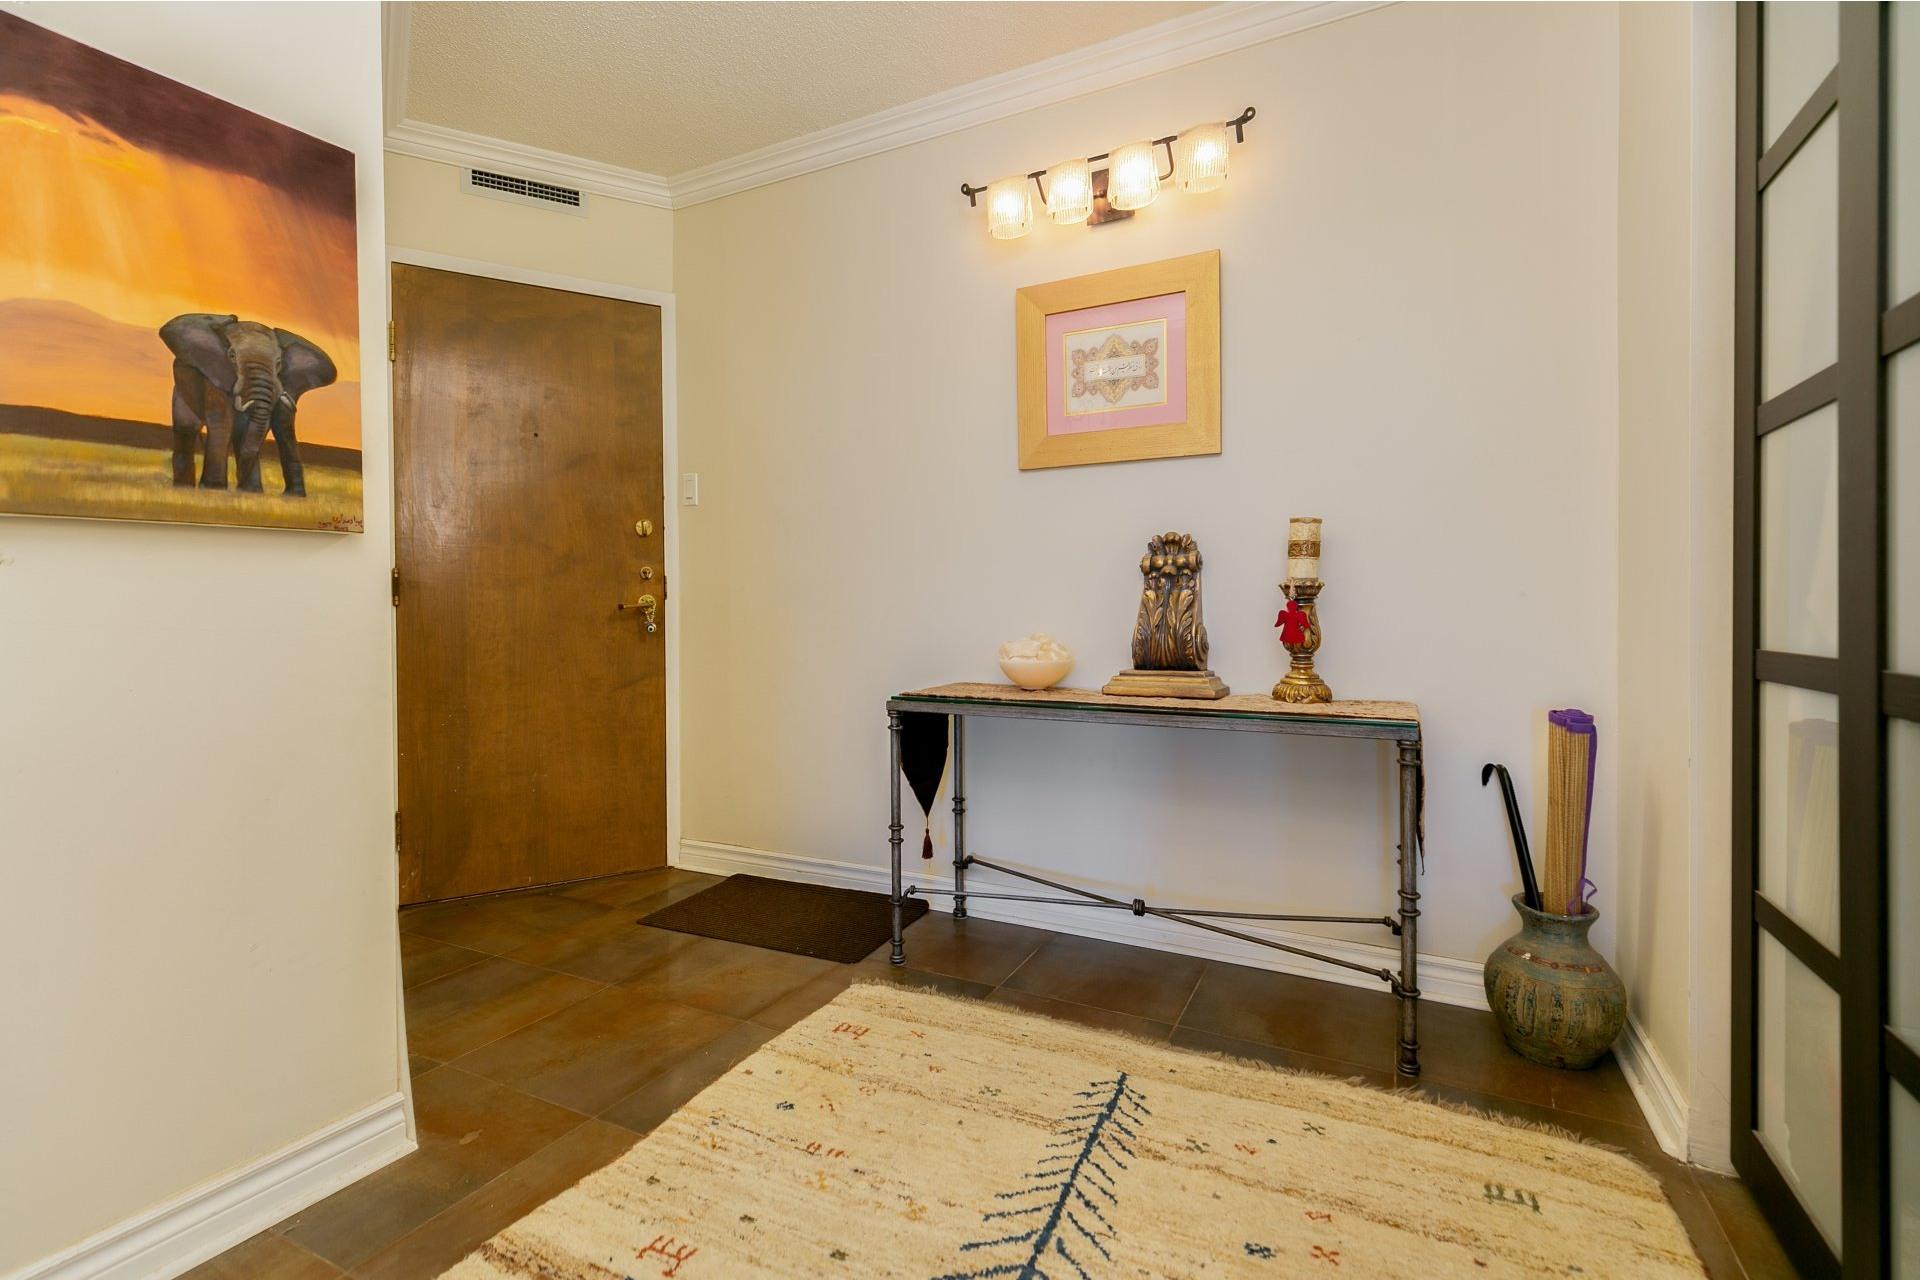 image 5 - Apartment For sale Côte-des-Neiges/Notre-Dame-de-Grâce Montréal  - 10 rooms